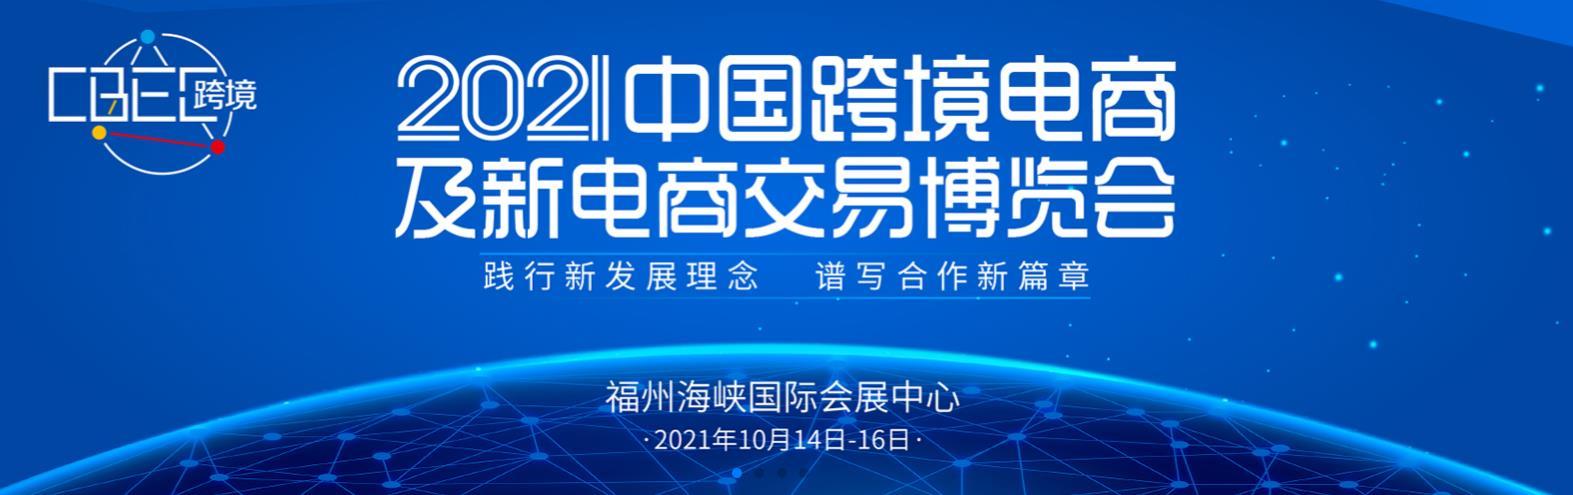 2021中国跨境电商及新电商交易博览会_门票优惠_活动家官网报名